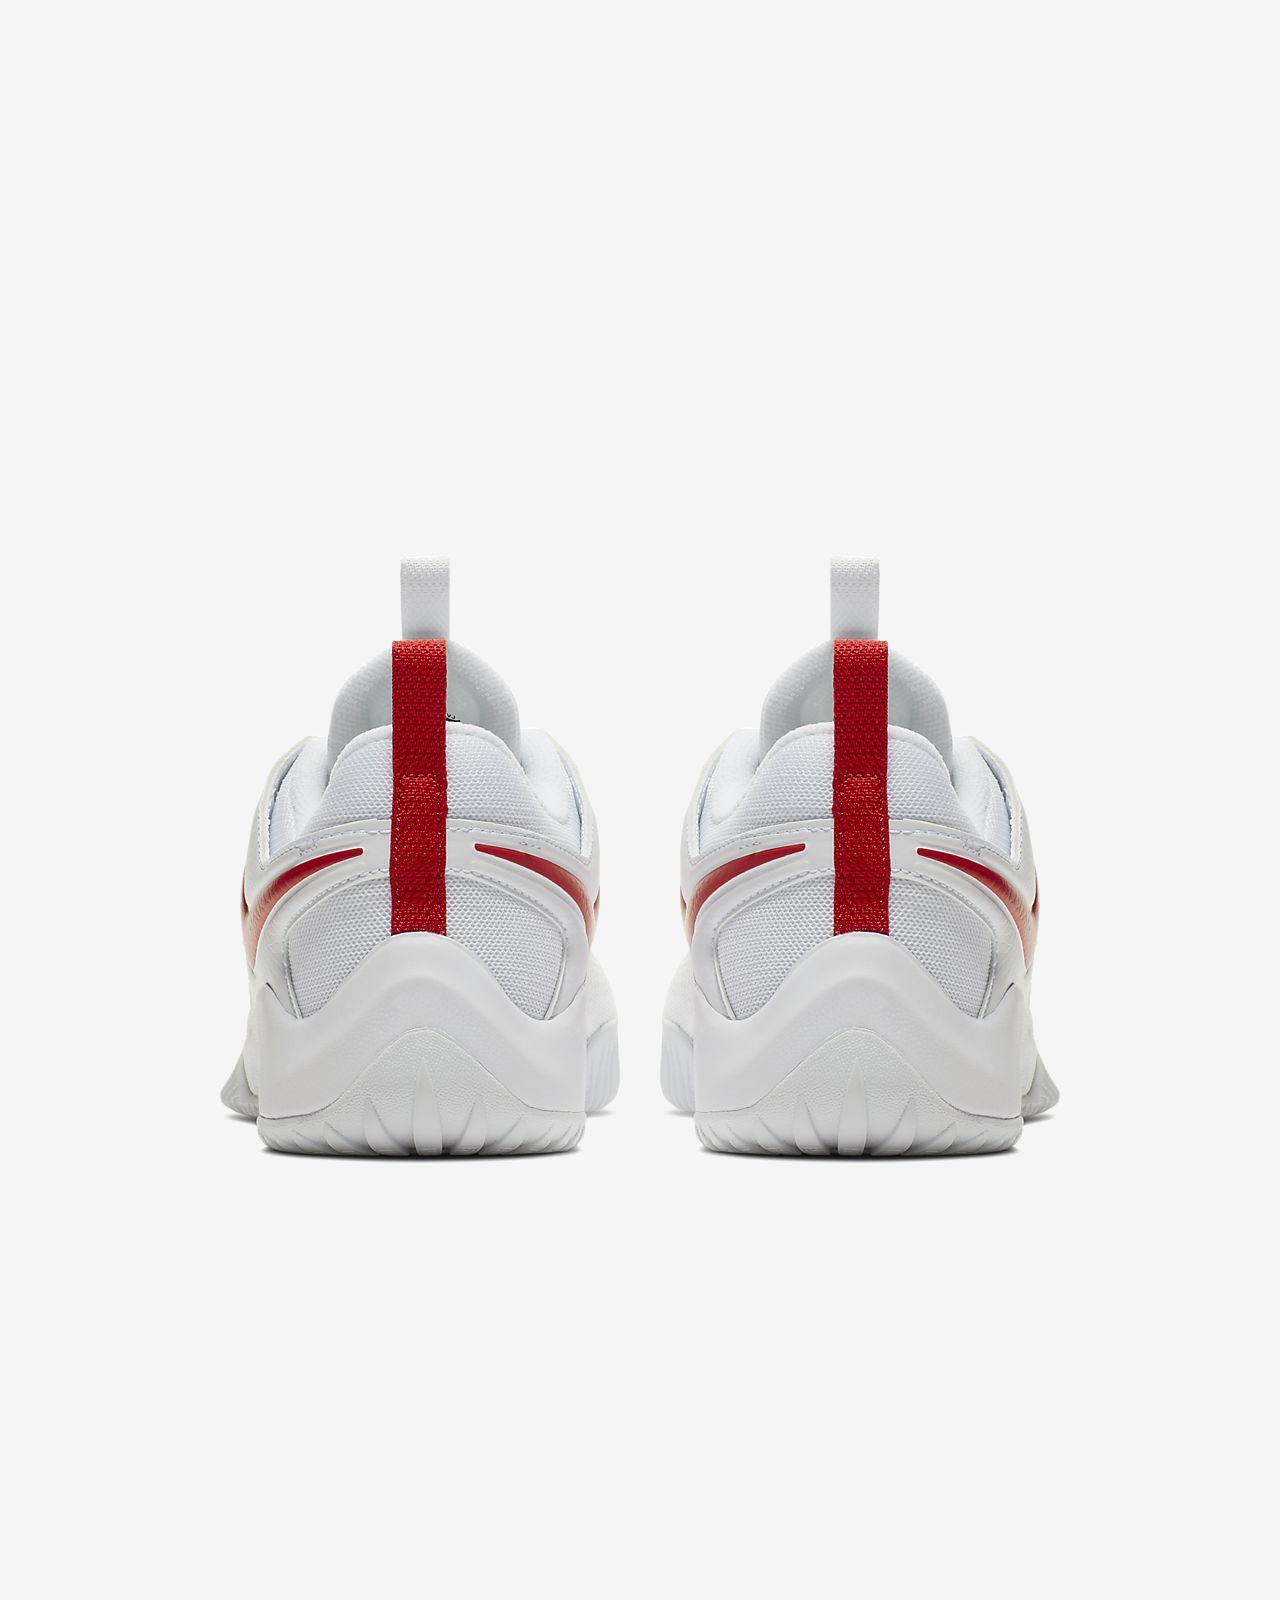 ... Nike Zoom HyperAce 2 Women's Volleyball Shoe